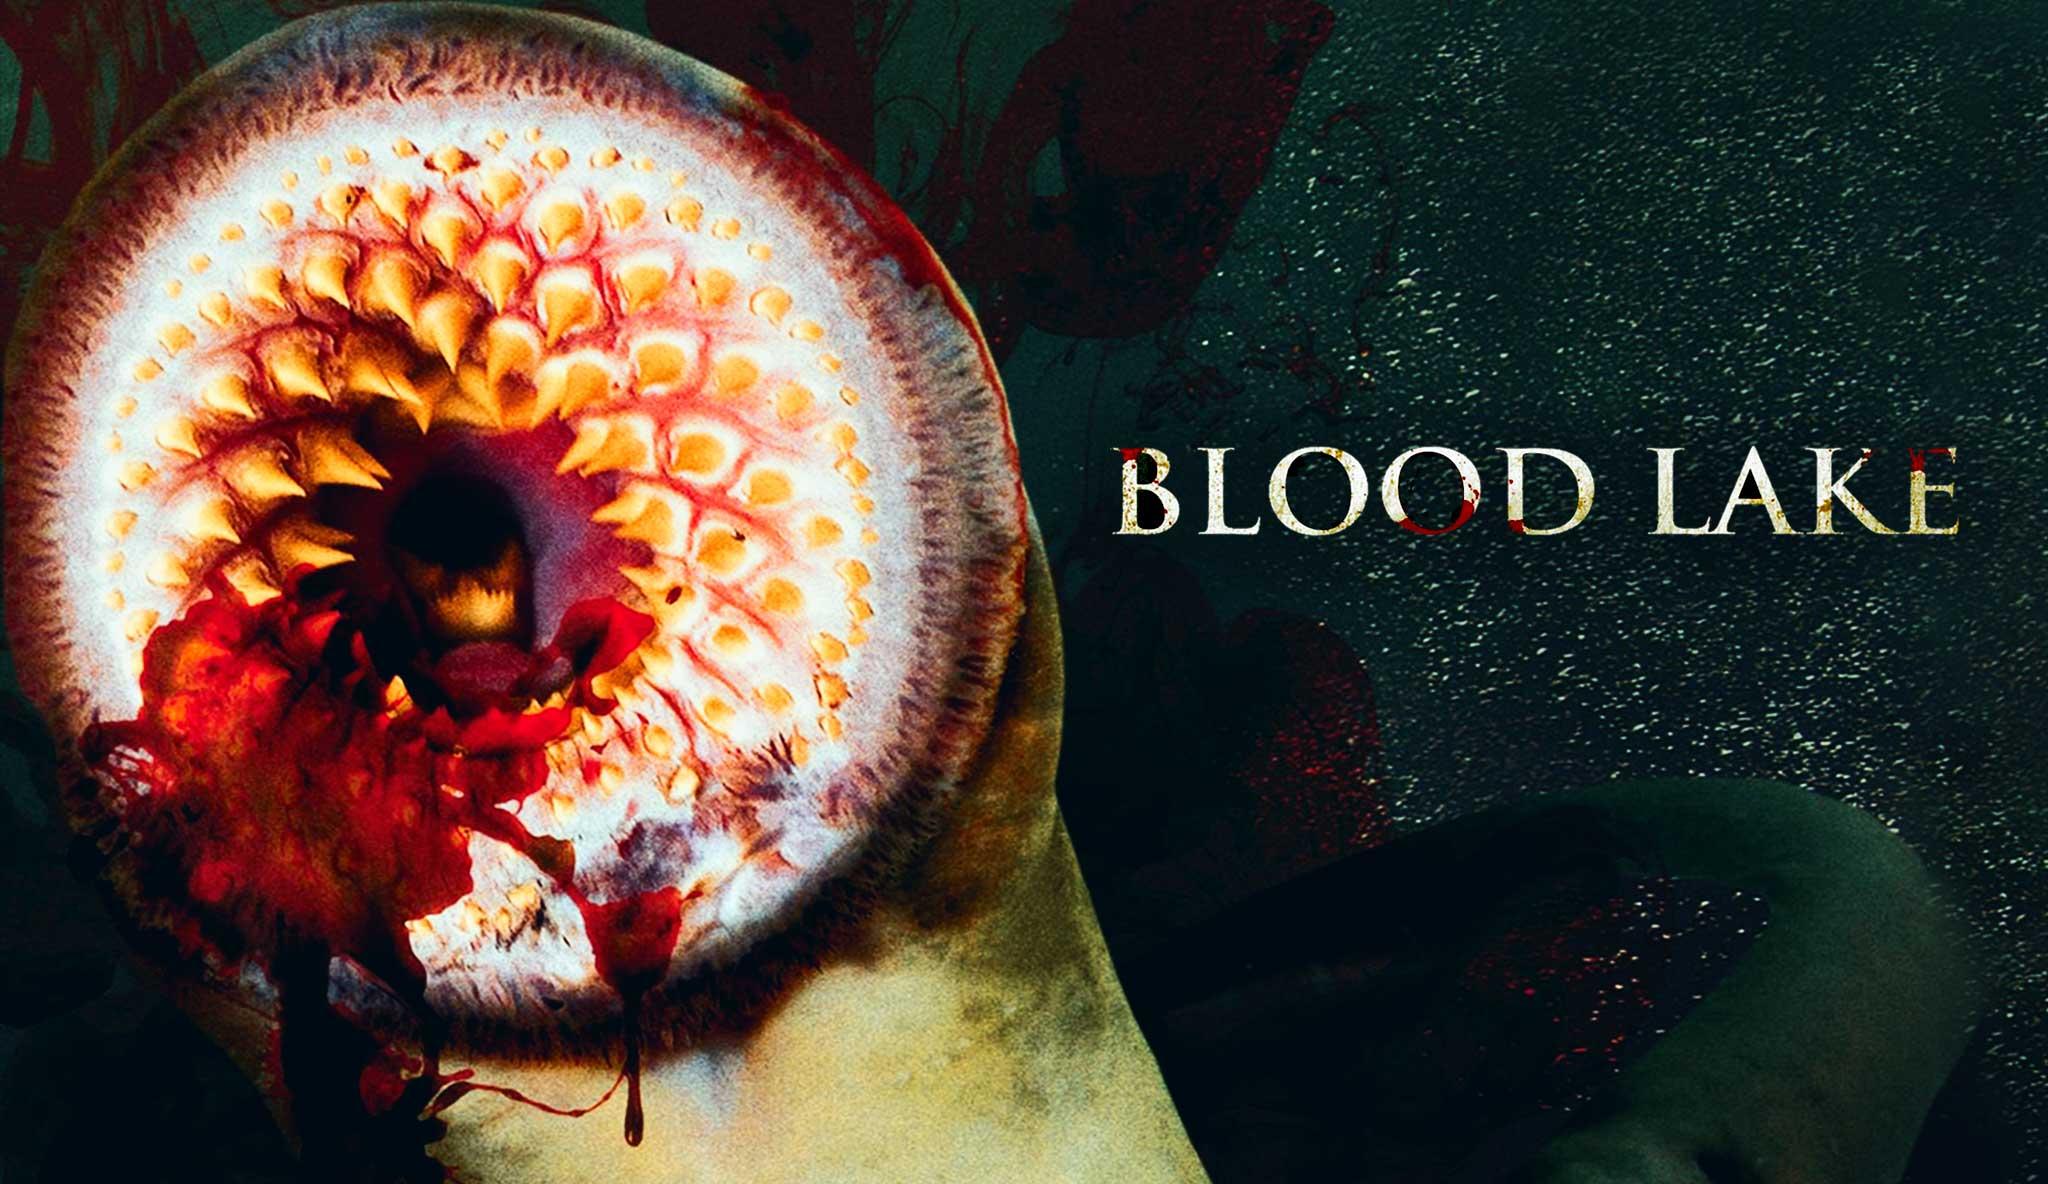 blood-lake-killerfische-greifen-an\header.jpg